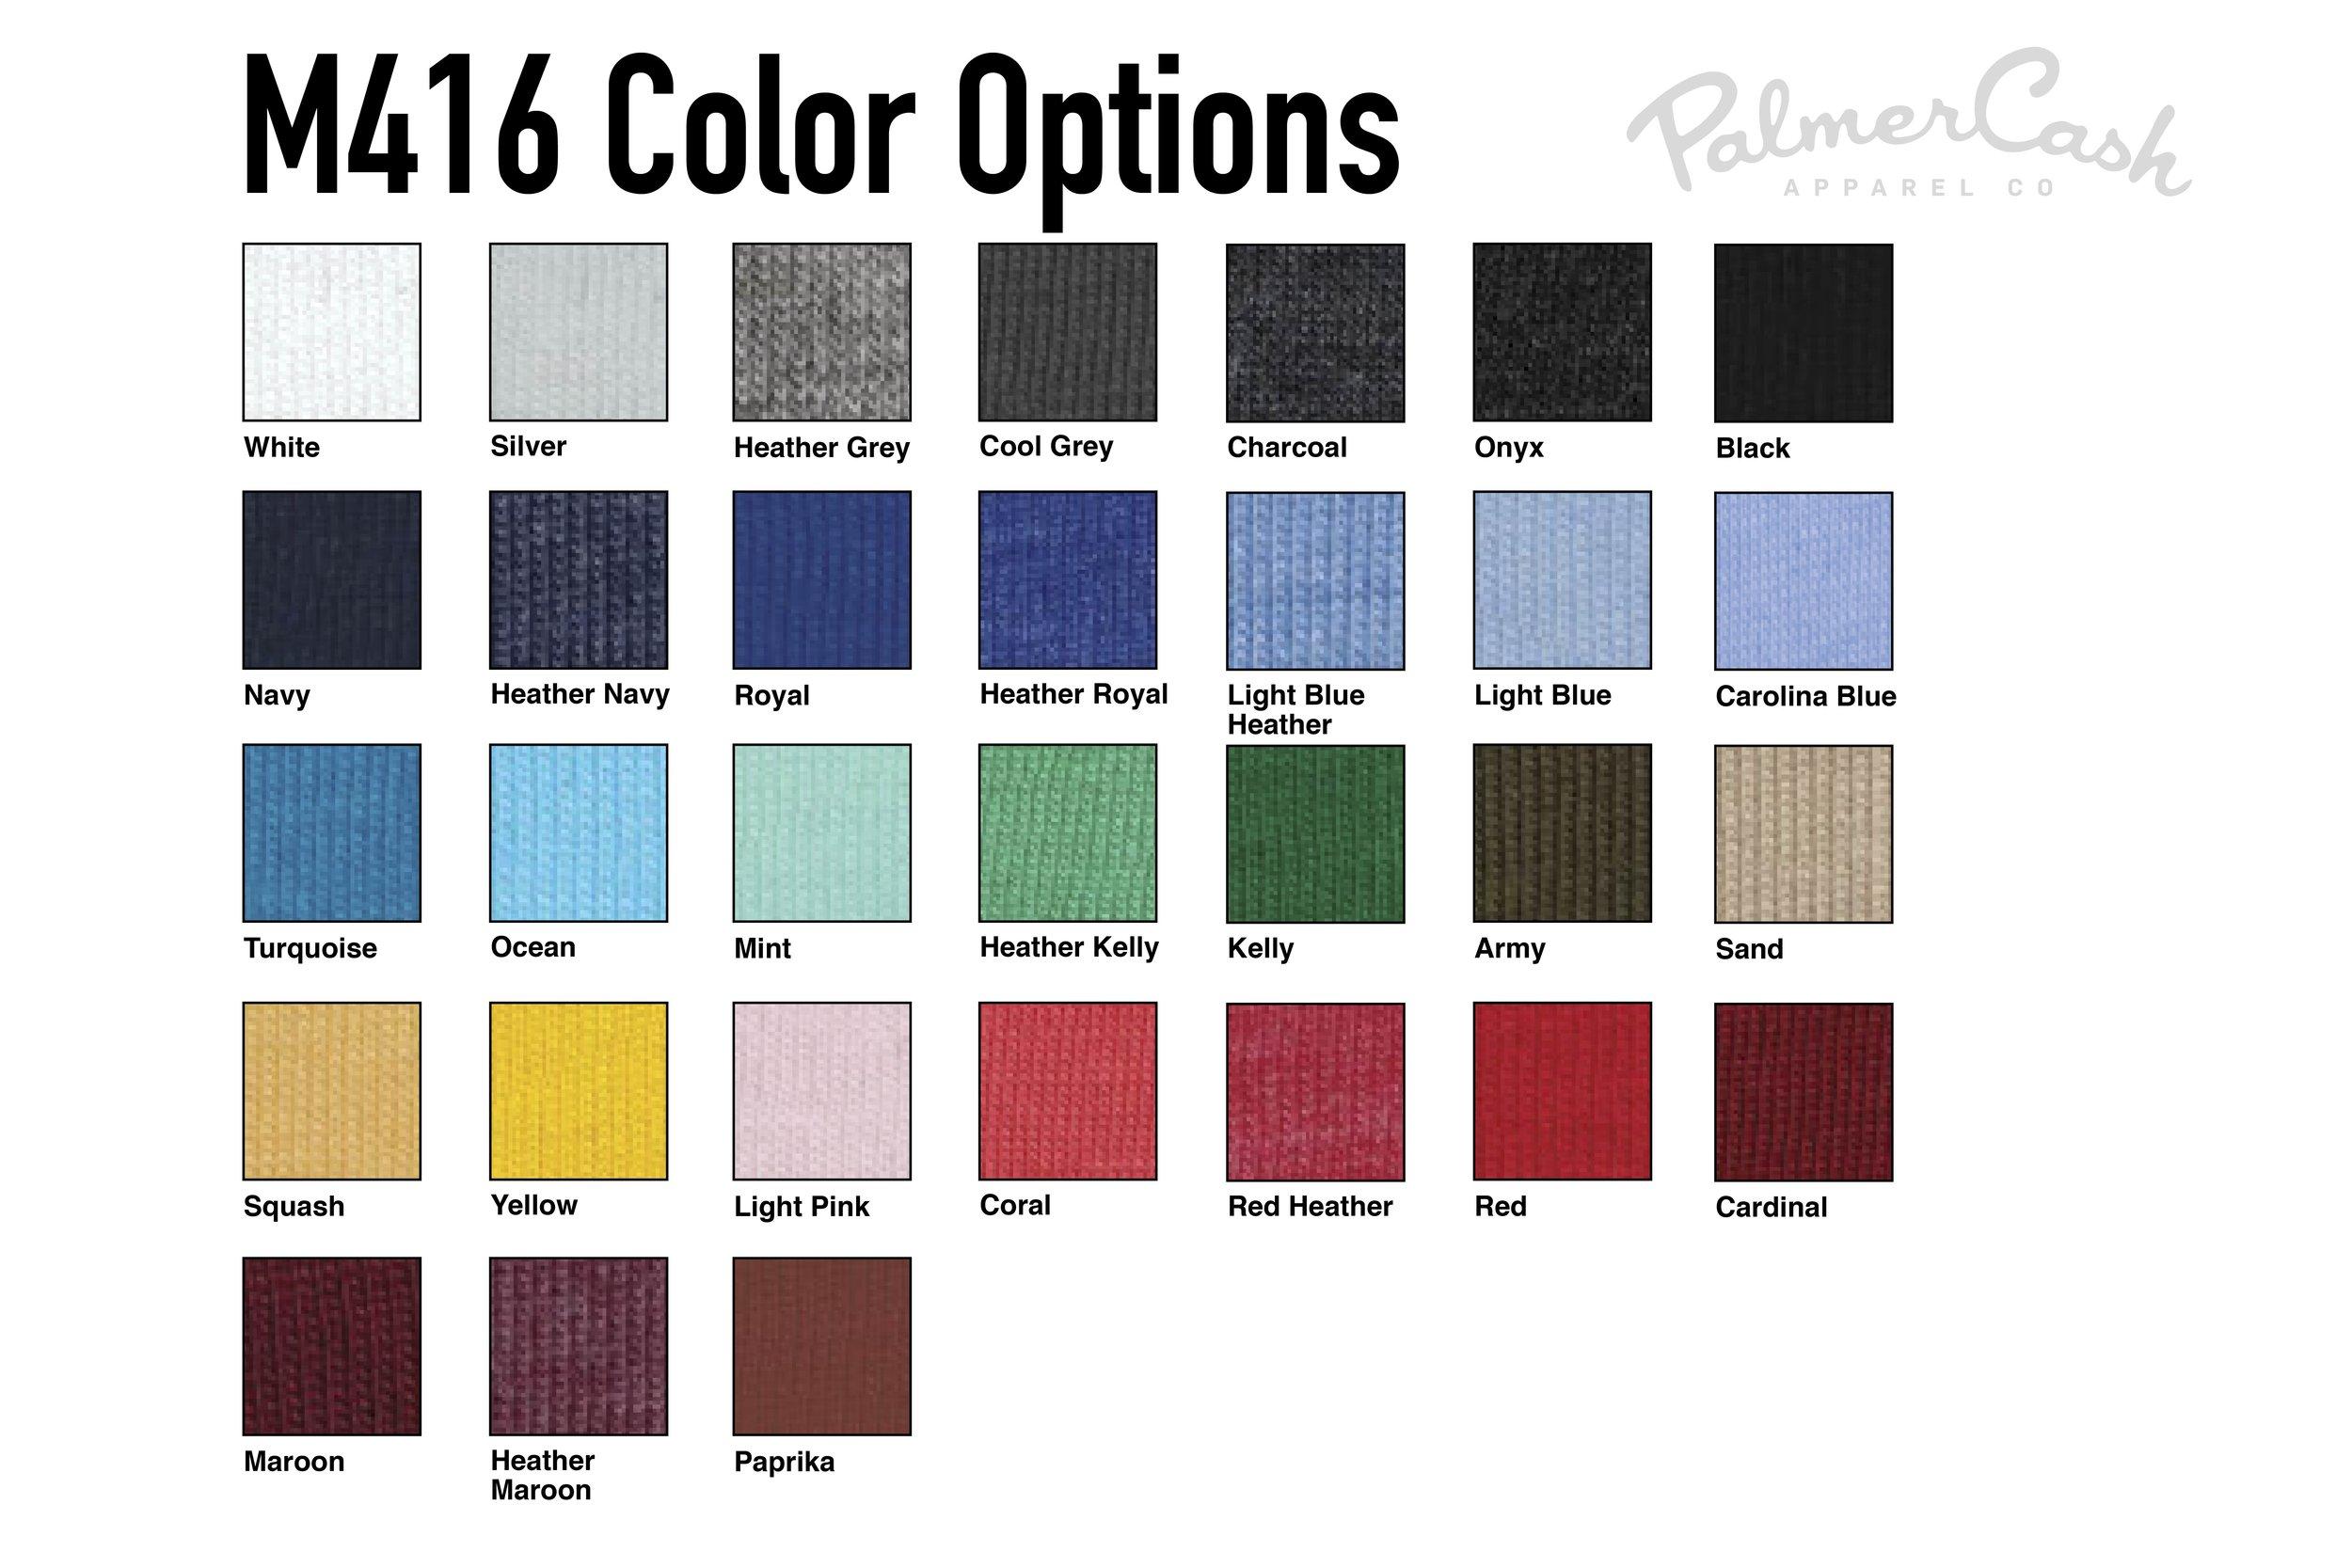 PC_M416_Color_Options-01.jpg